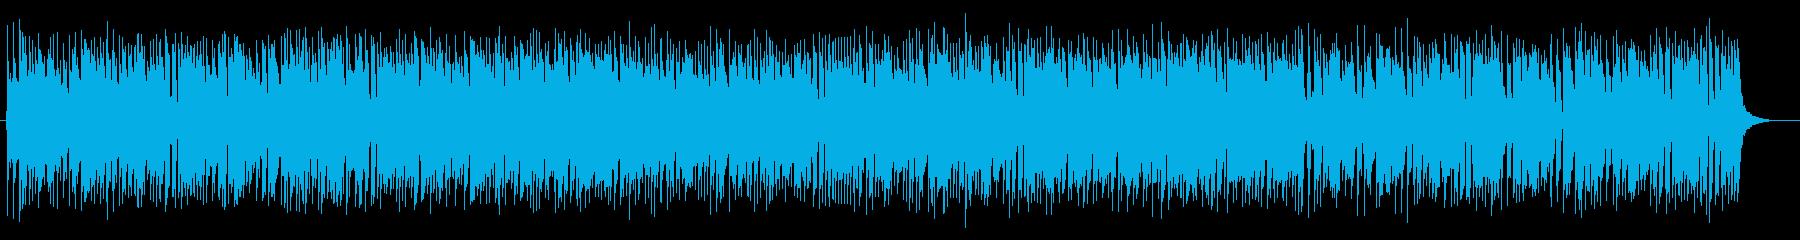 陽気で明るいポップなジャズサウンドの再生済みの波形